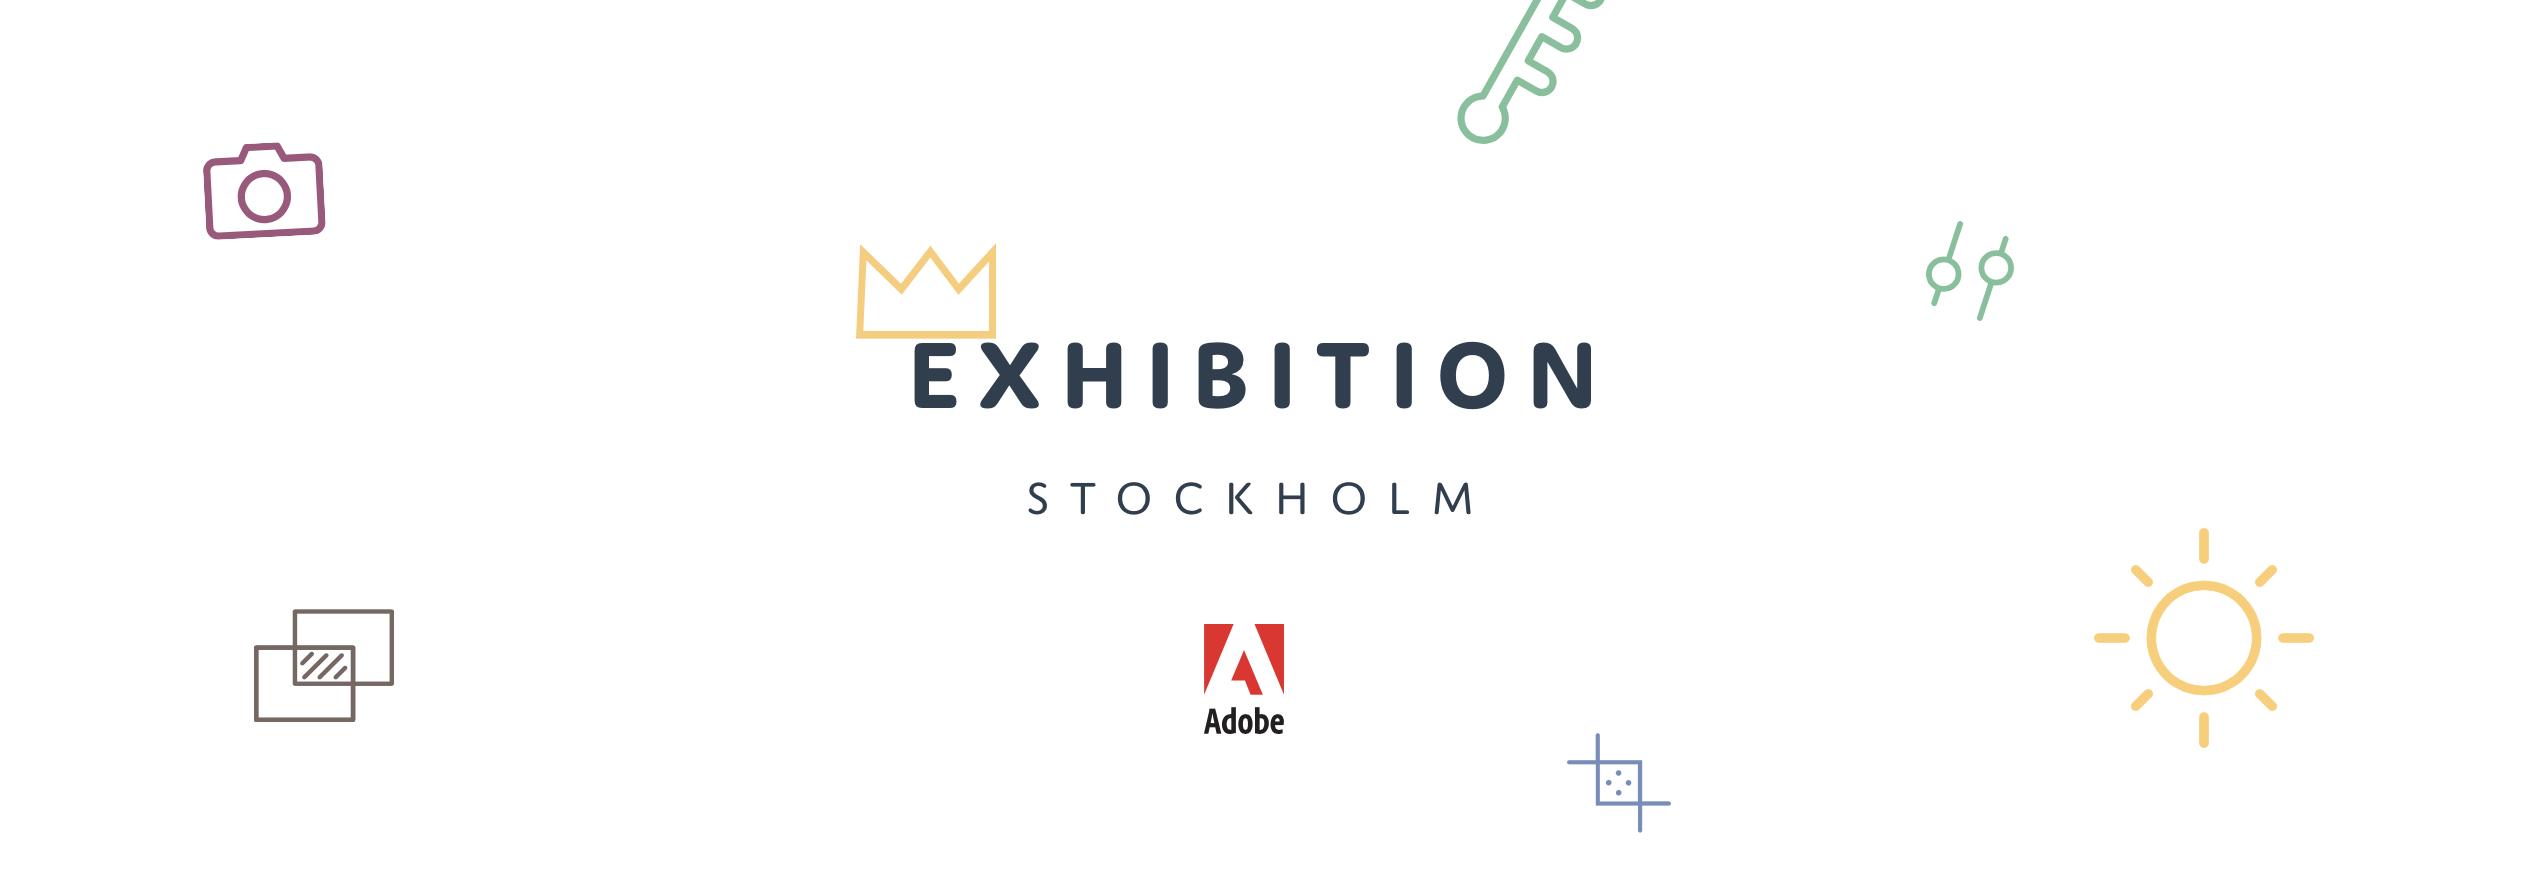 Adobe lanserar fototävling för hobbyfotografer